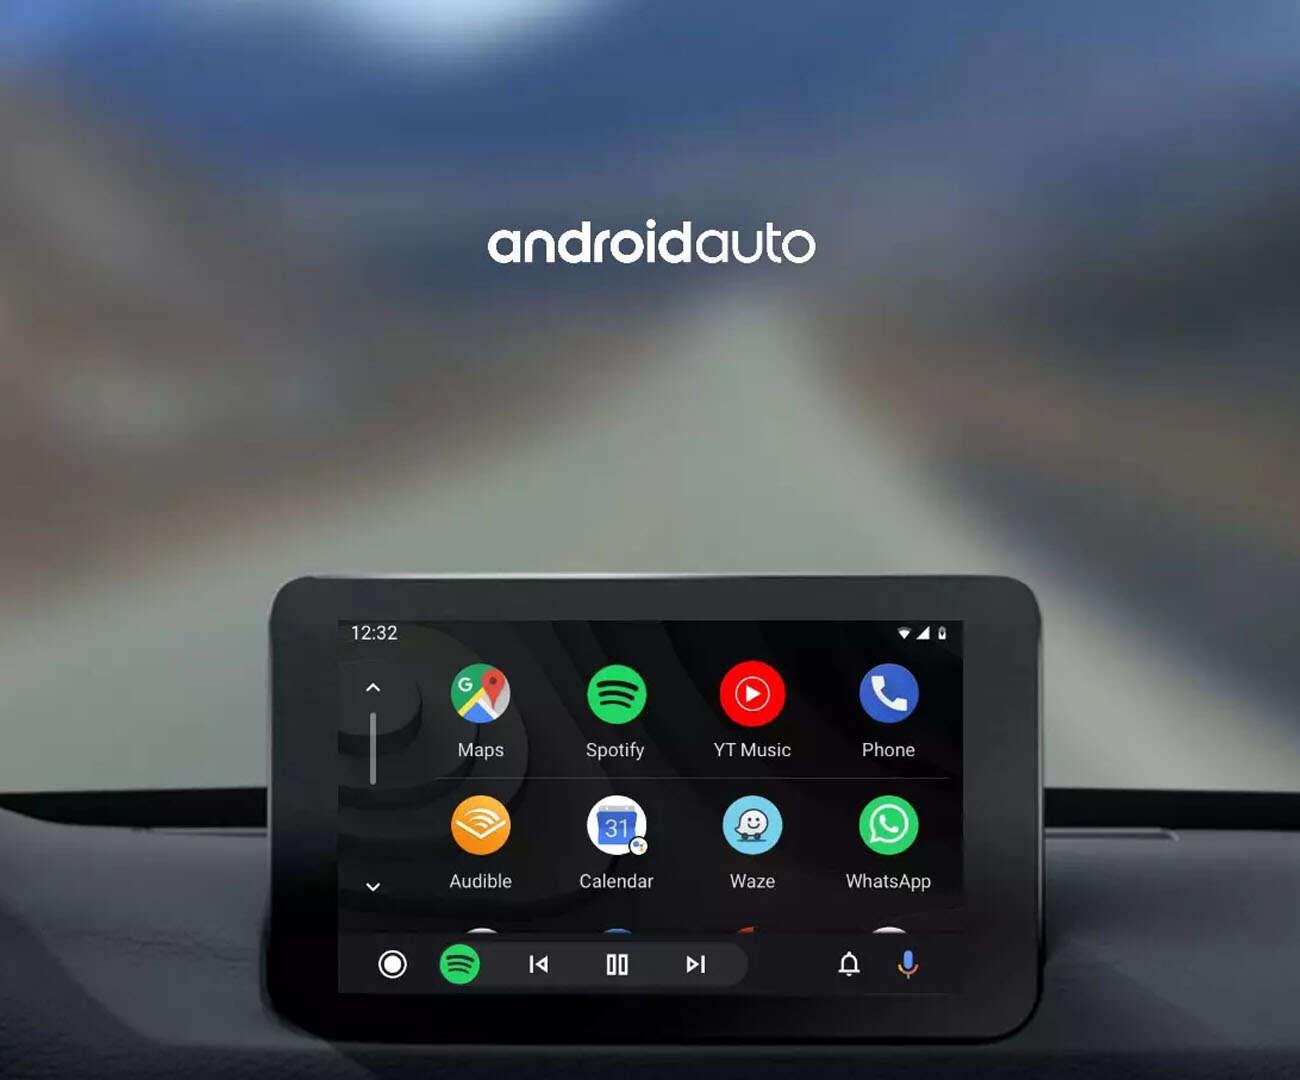 W końcu zmienimy tapetę w Android Auto